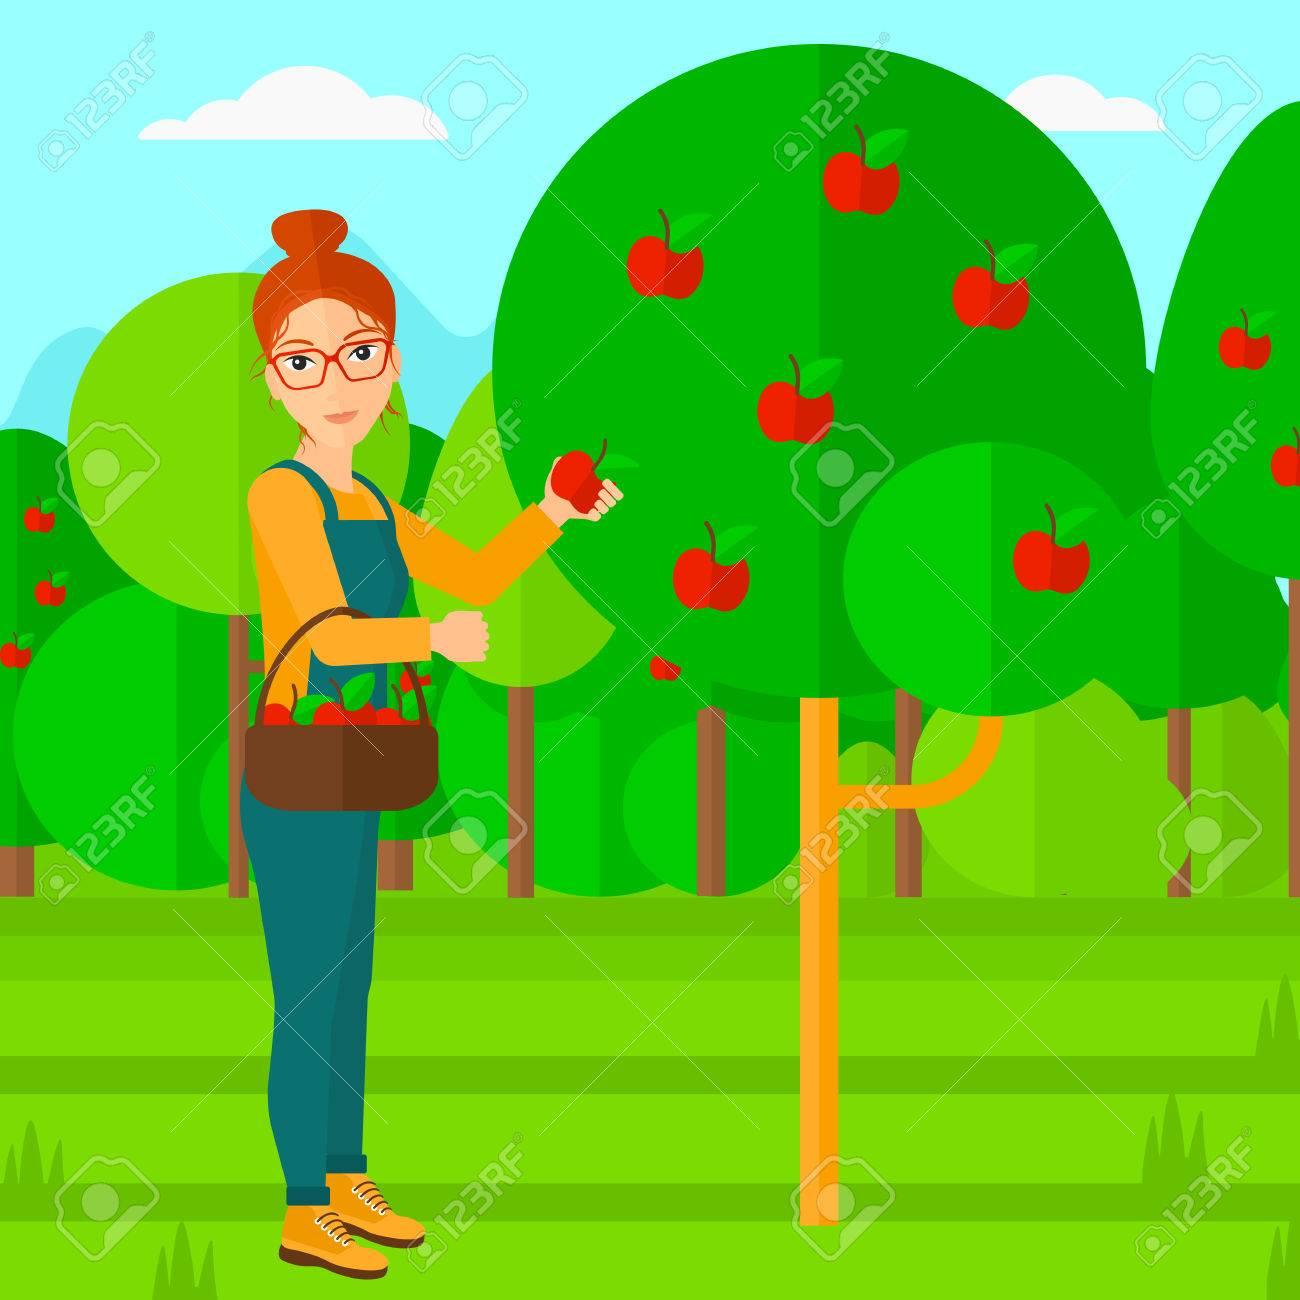 Fruit garden clipart jpg freeuse stock Fruit Garden Cliparts 15 - 1300 X 1300 - Making-The-Web.com jpg freeuse stock